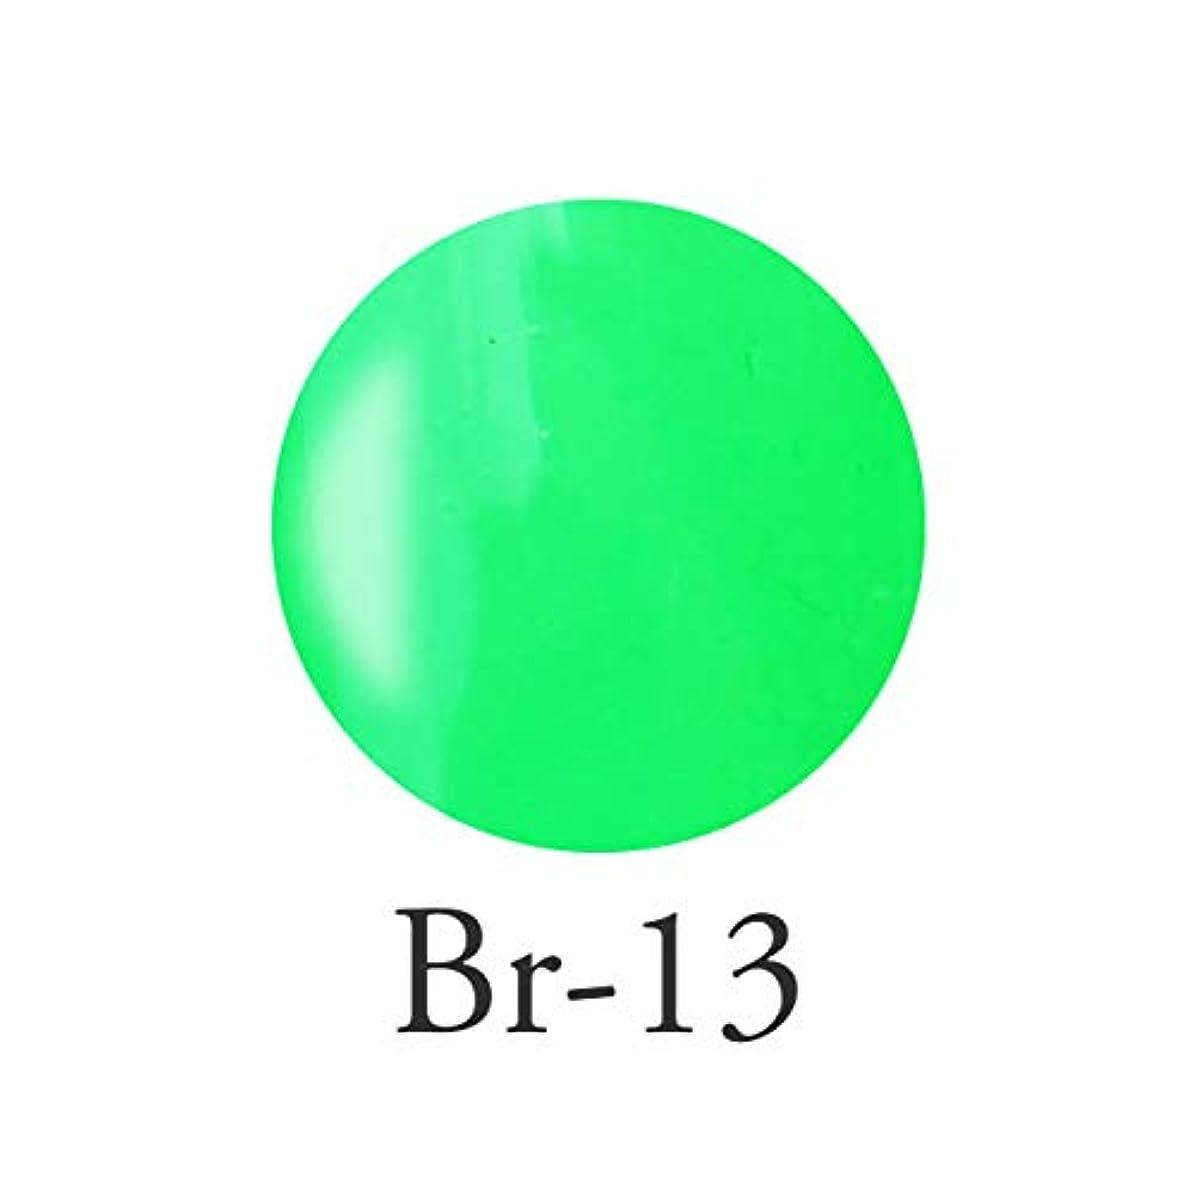 アクセルクロニクル現像エンジェル クィーンカラージェル レオノールグリーン Br-13 3g